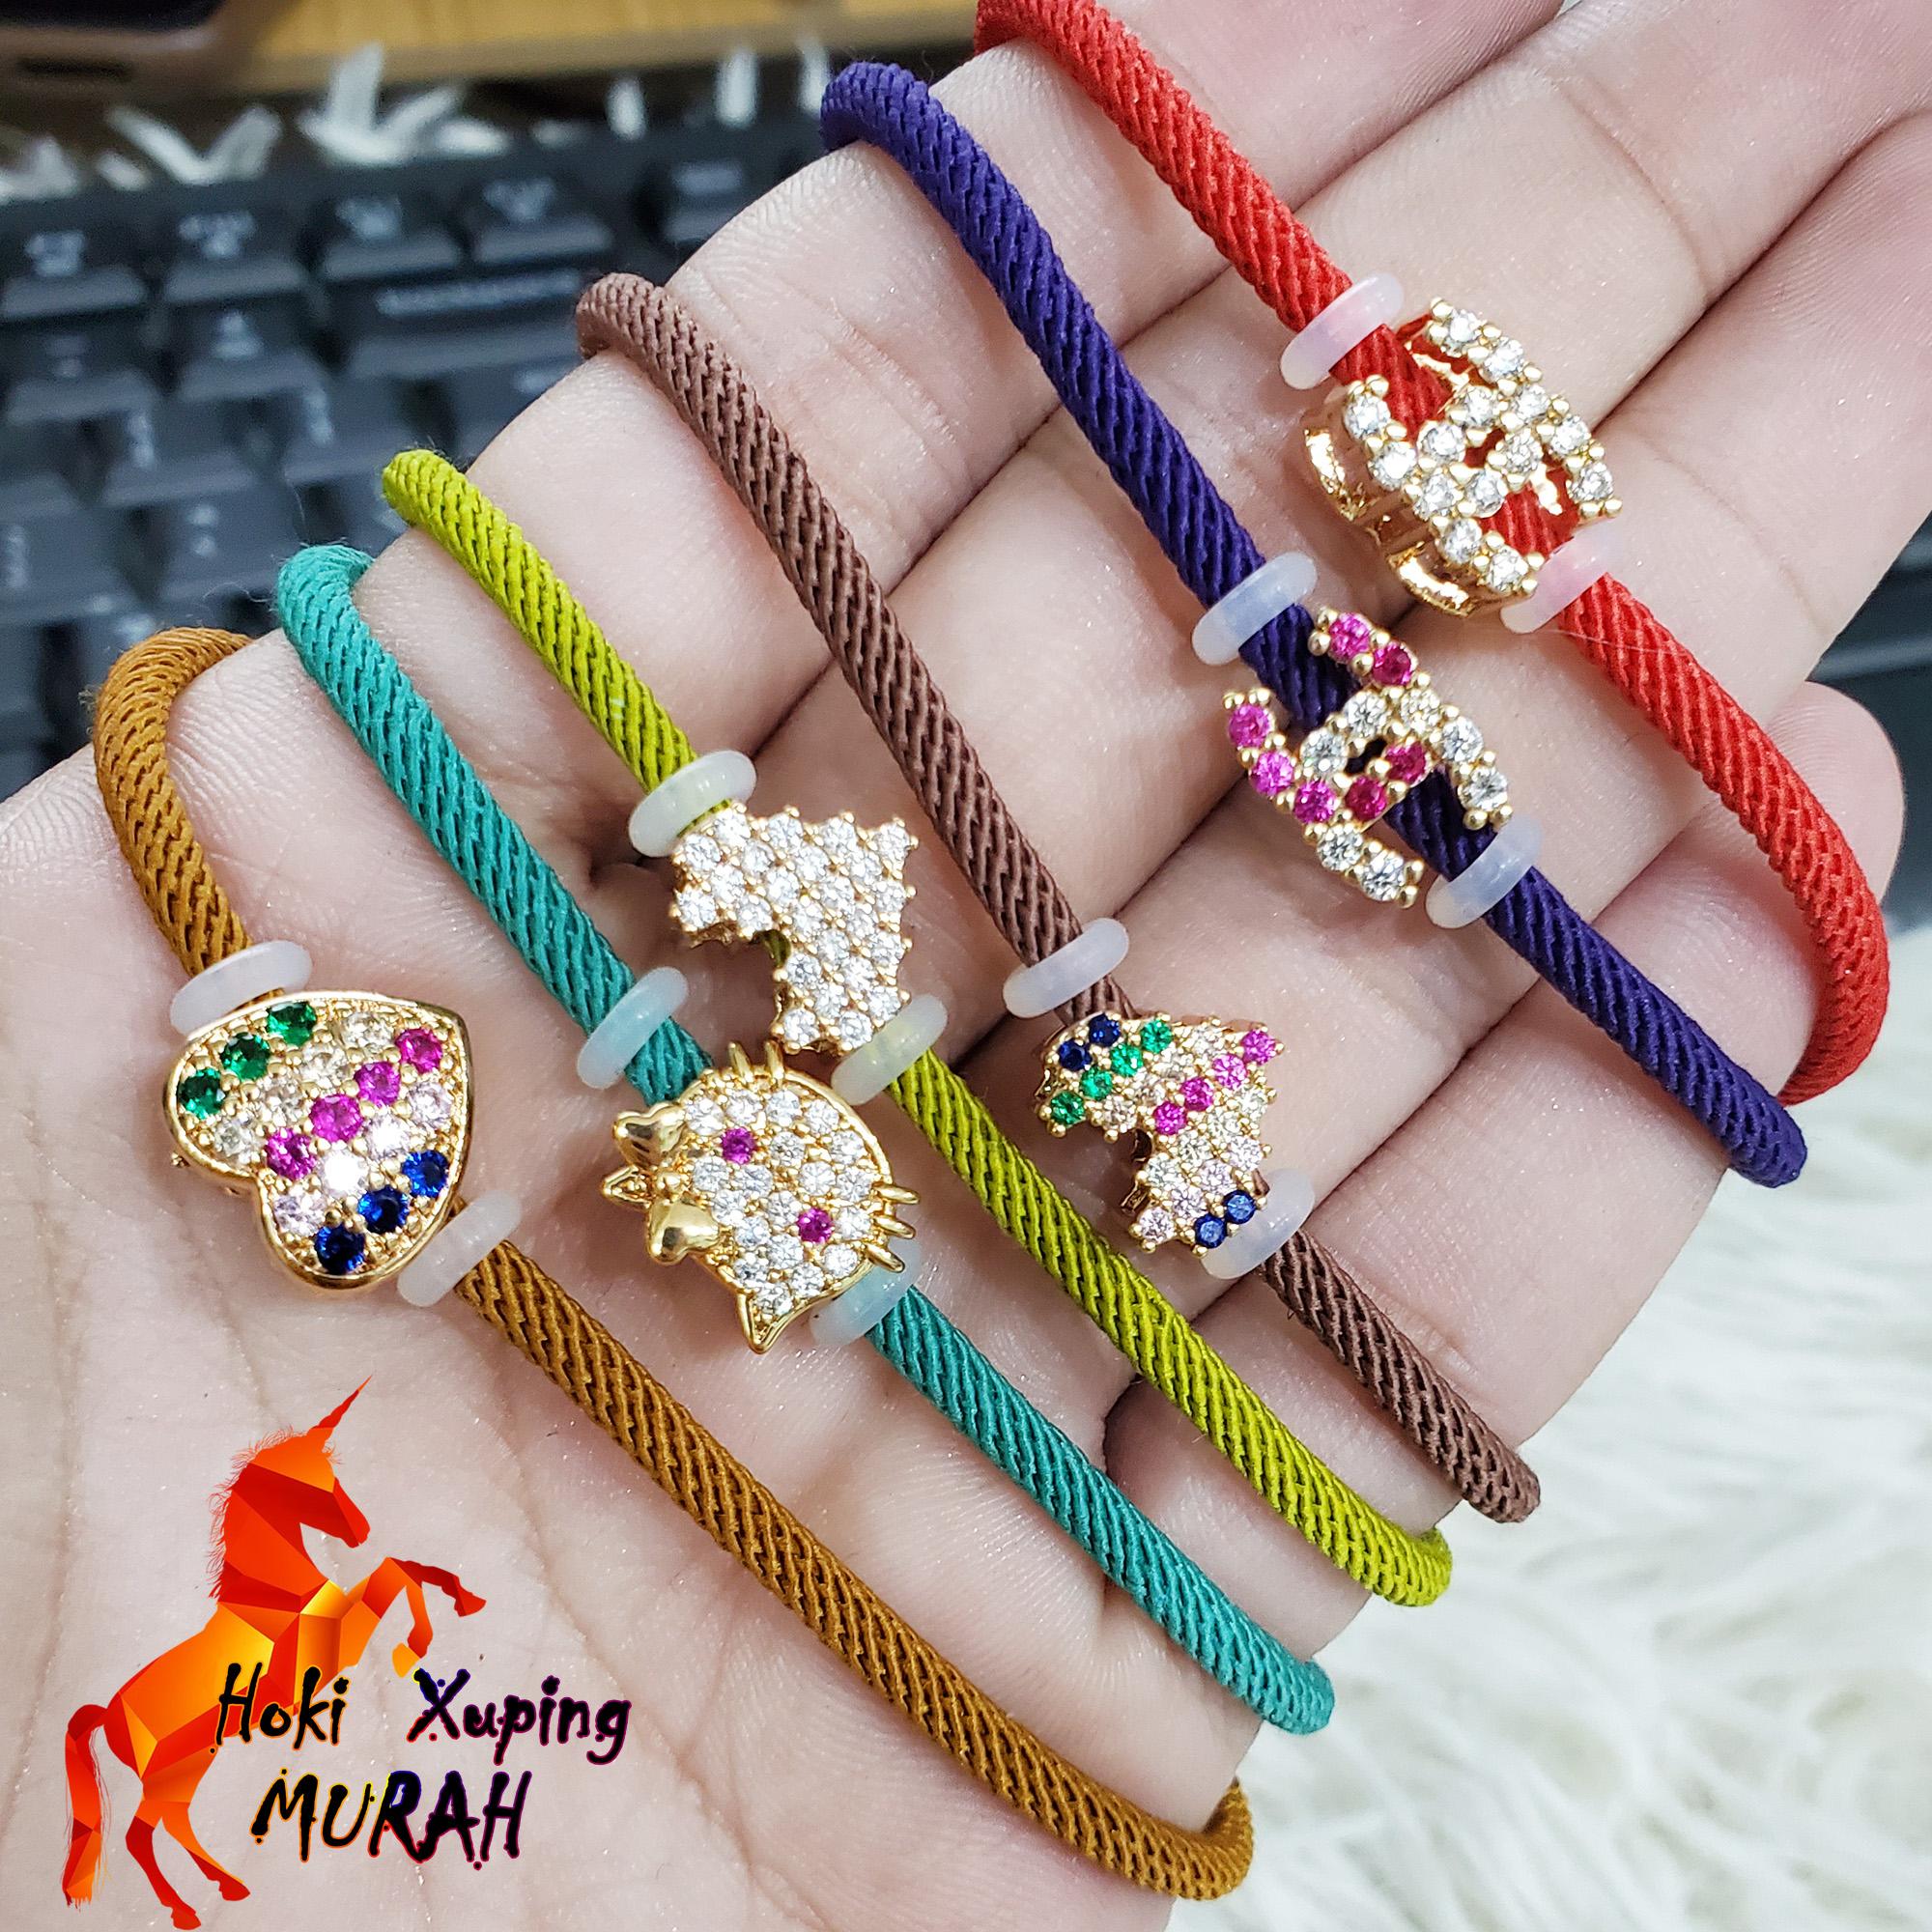 hoki xuping – turun !! gelang tangan serut pandora tnpa lingkaran perhiasan wanita trend artis anti karat